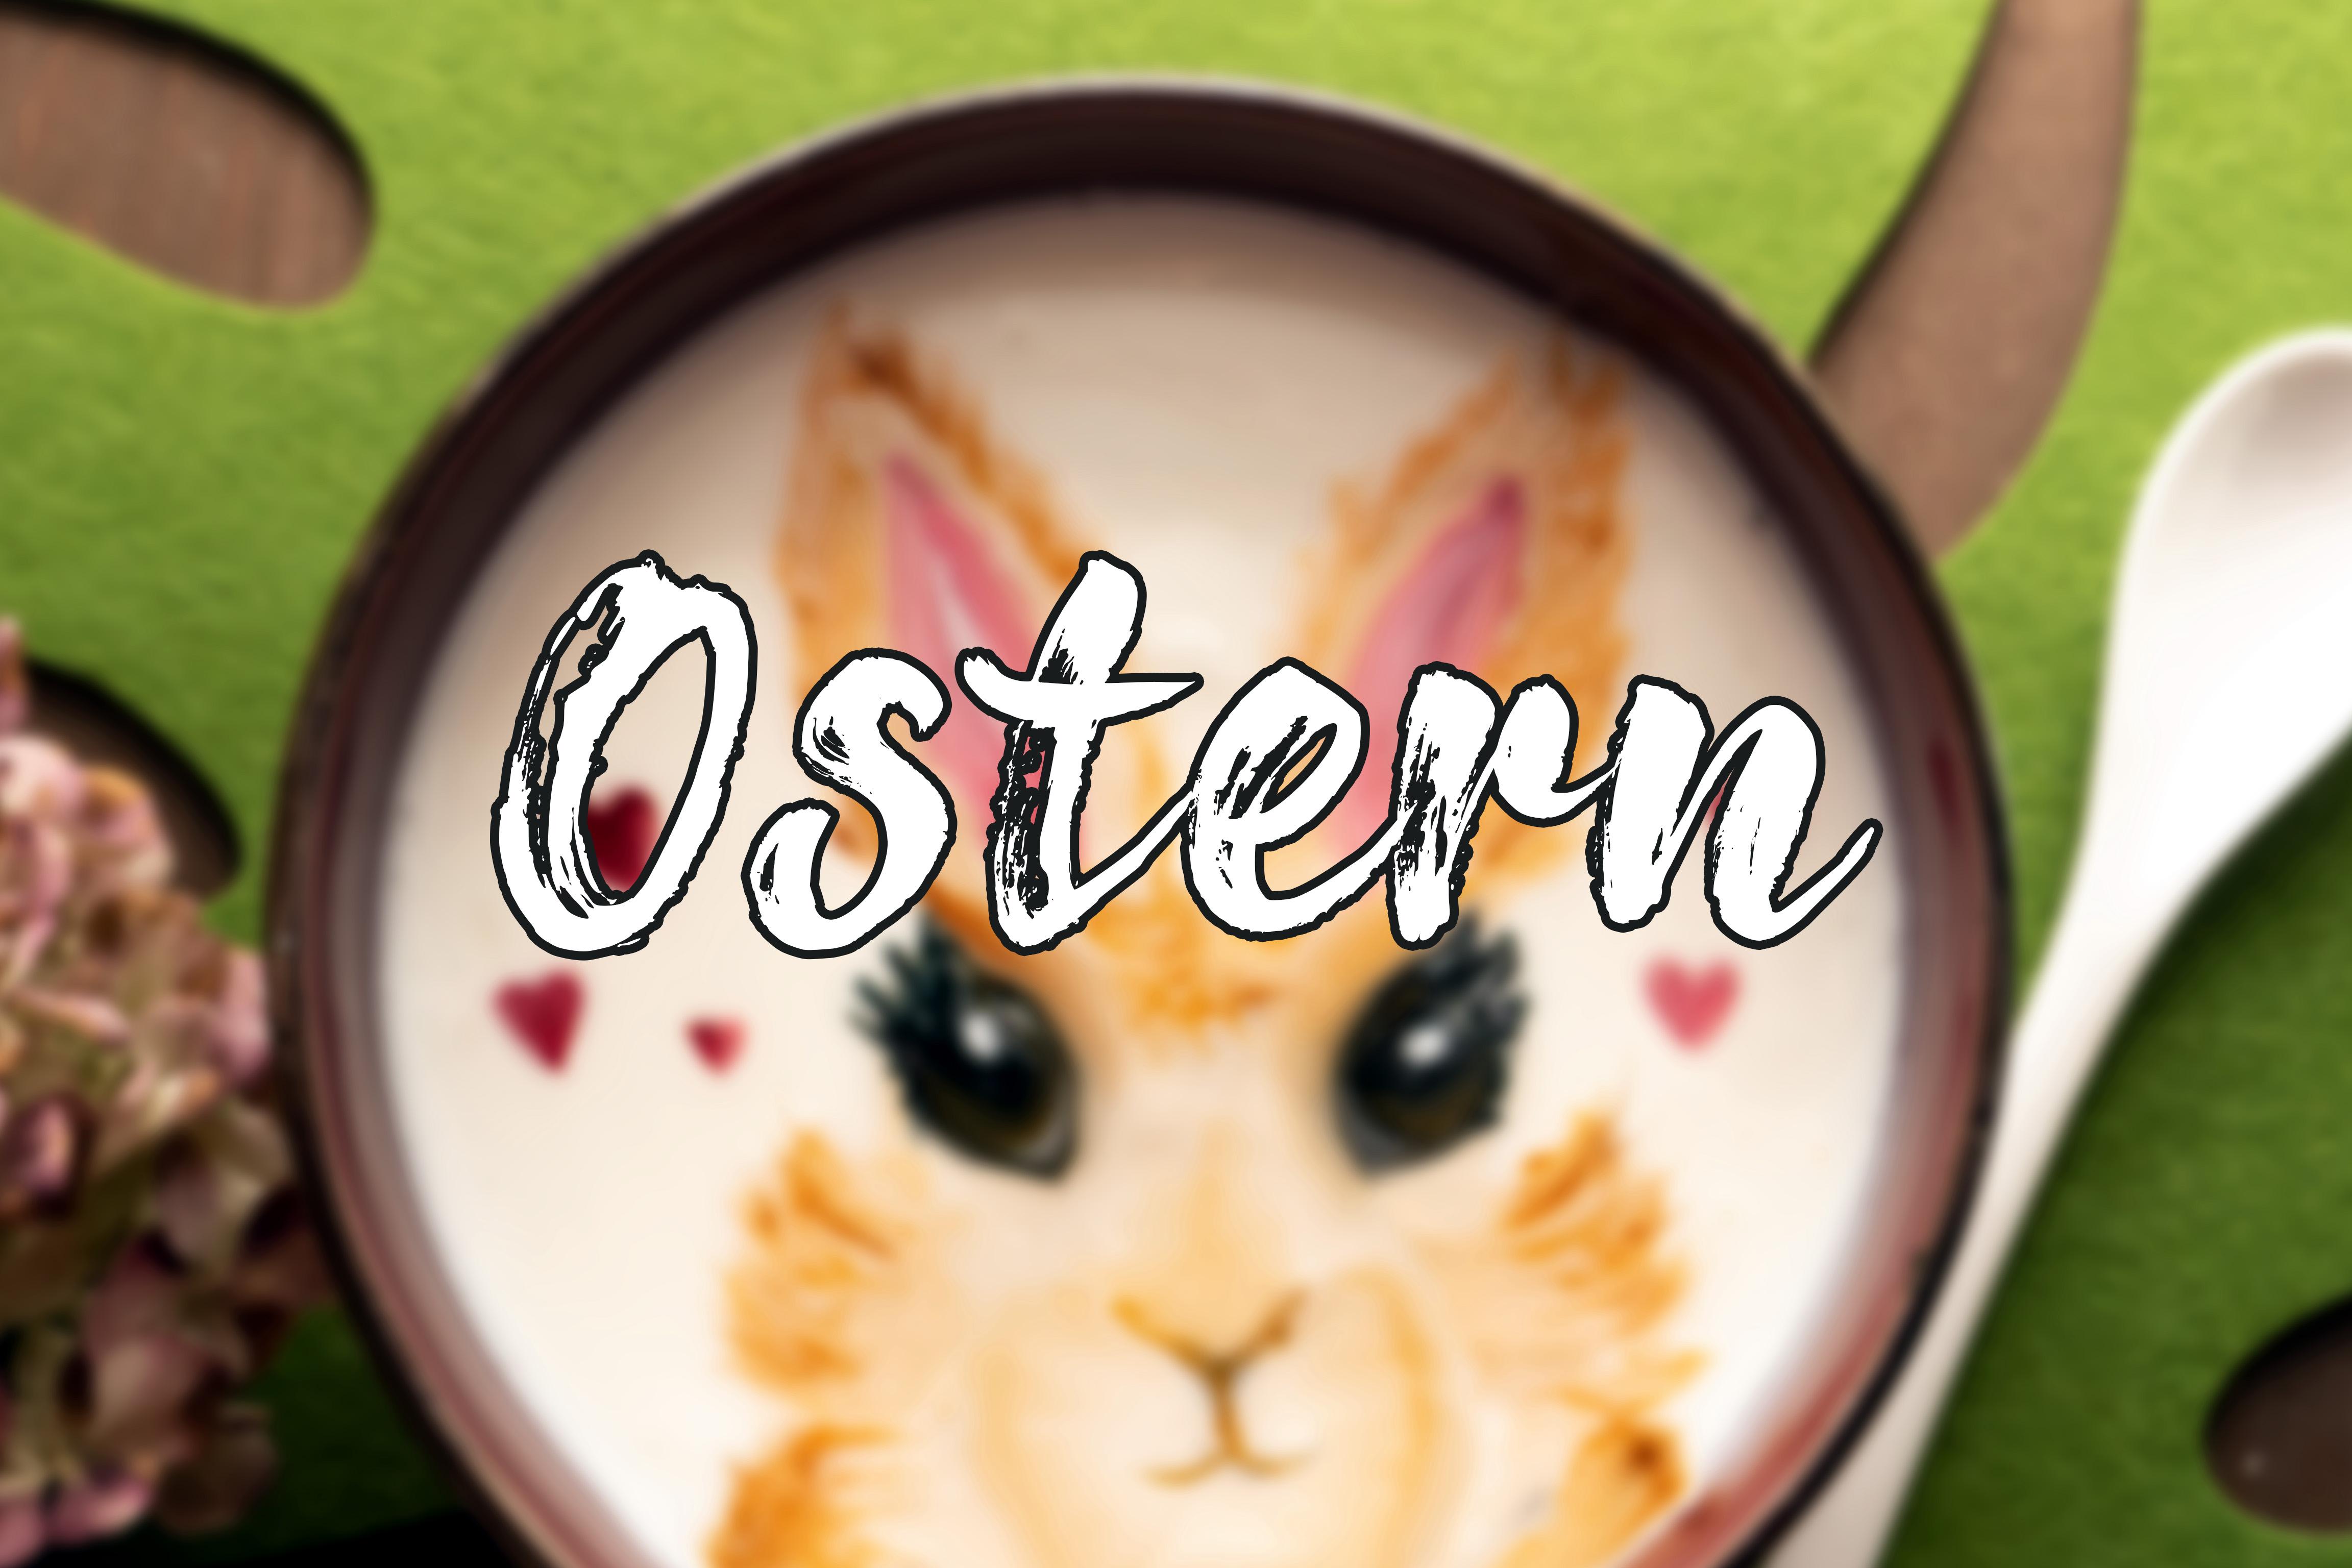 Ostern, Osterrezepte, Oster rezepte, rezepte, rezept, zu ostern, für ostern, backen